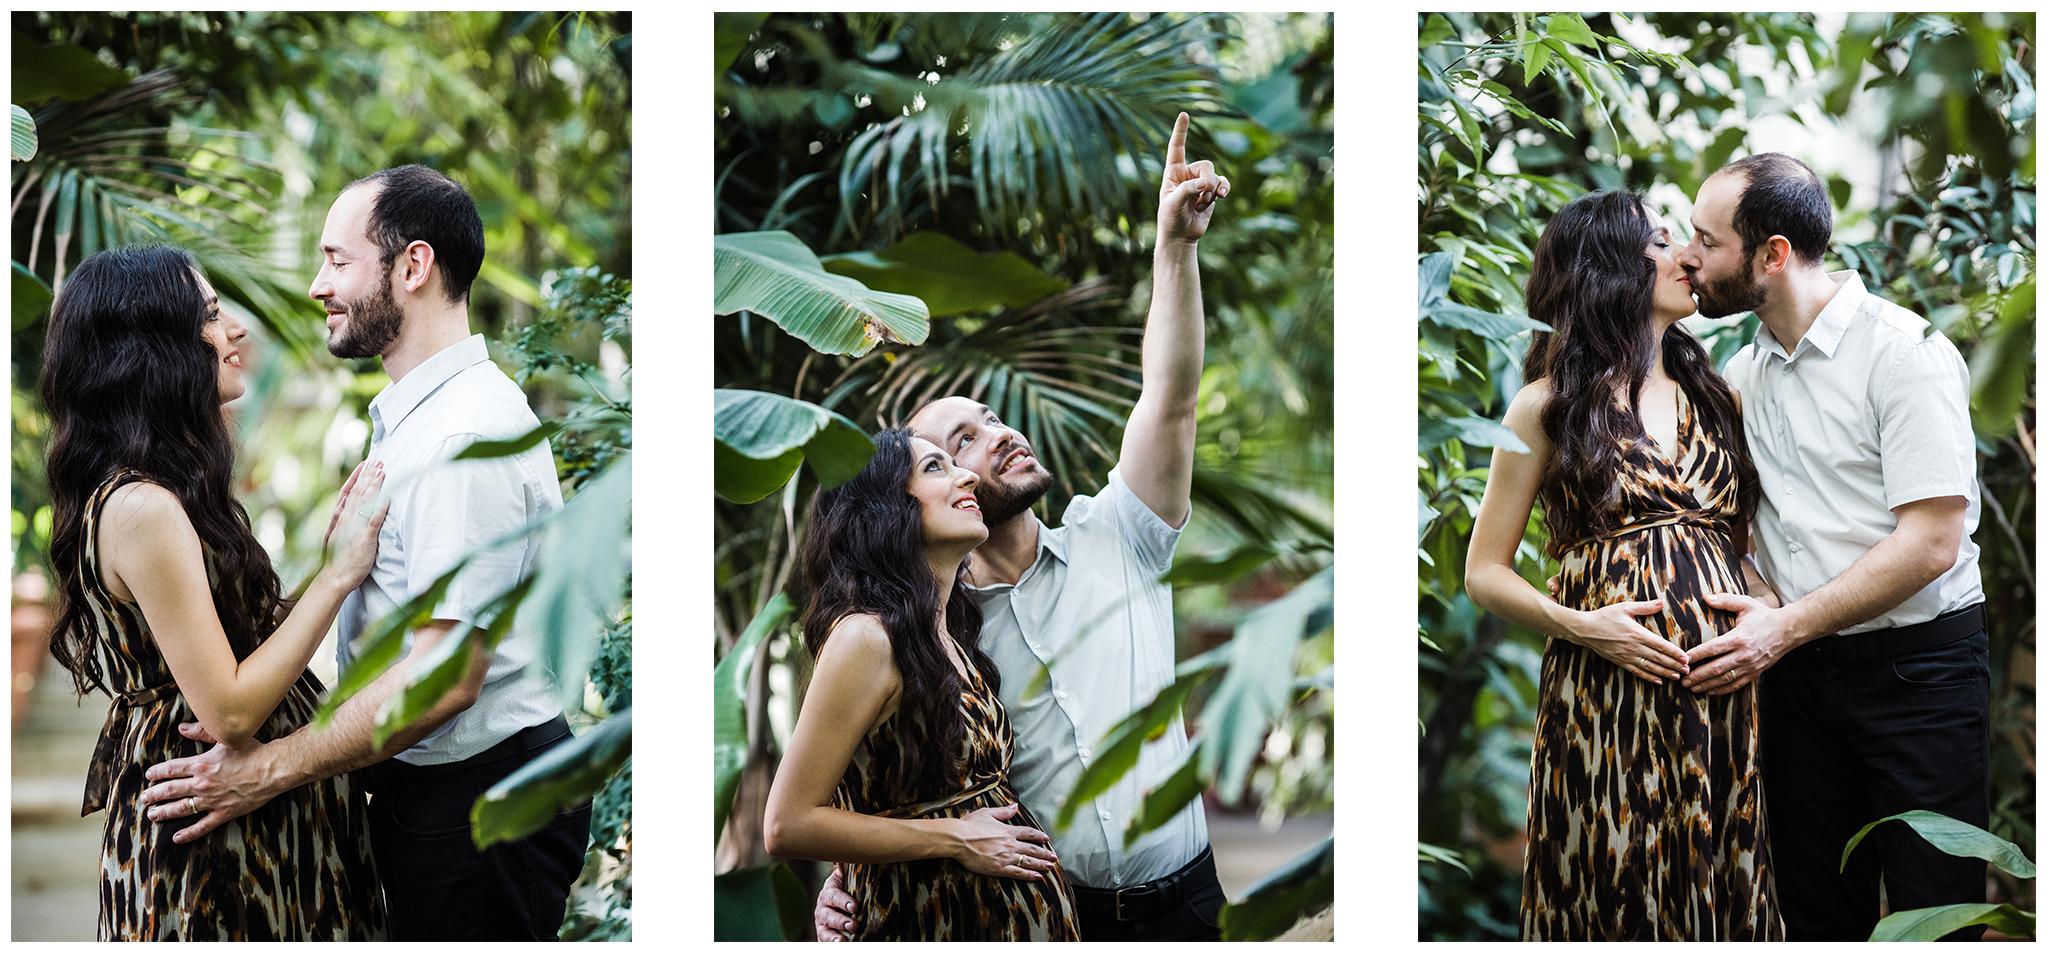 MONT_FylepPhoto, Esküvőfotós Vasmegye, Kismama, pocakfotó, Esküvő fotózás, Esküvői fotós, Körmend, Vas megye, Dunántúl, Budapest, Fülöp Péter, Jegyes fotózás, jegyes, kreatív, kreatívfotózás, Balaton_Ági&Laci,2019_006.jpg